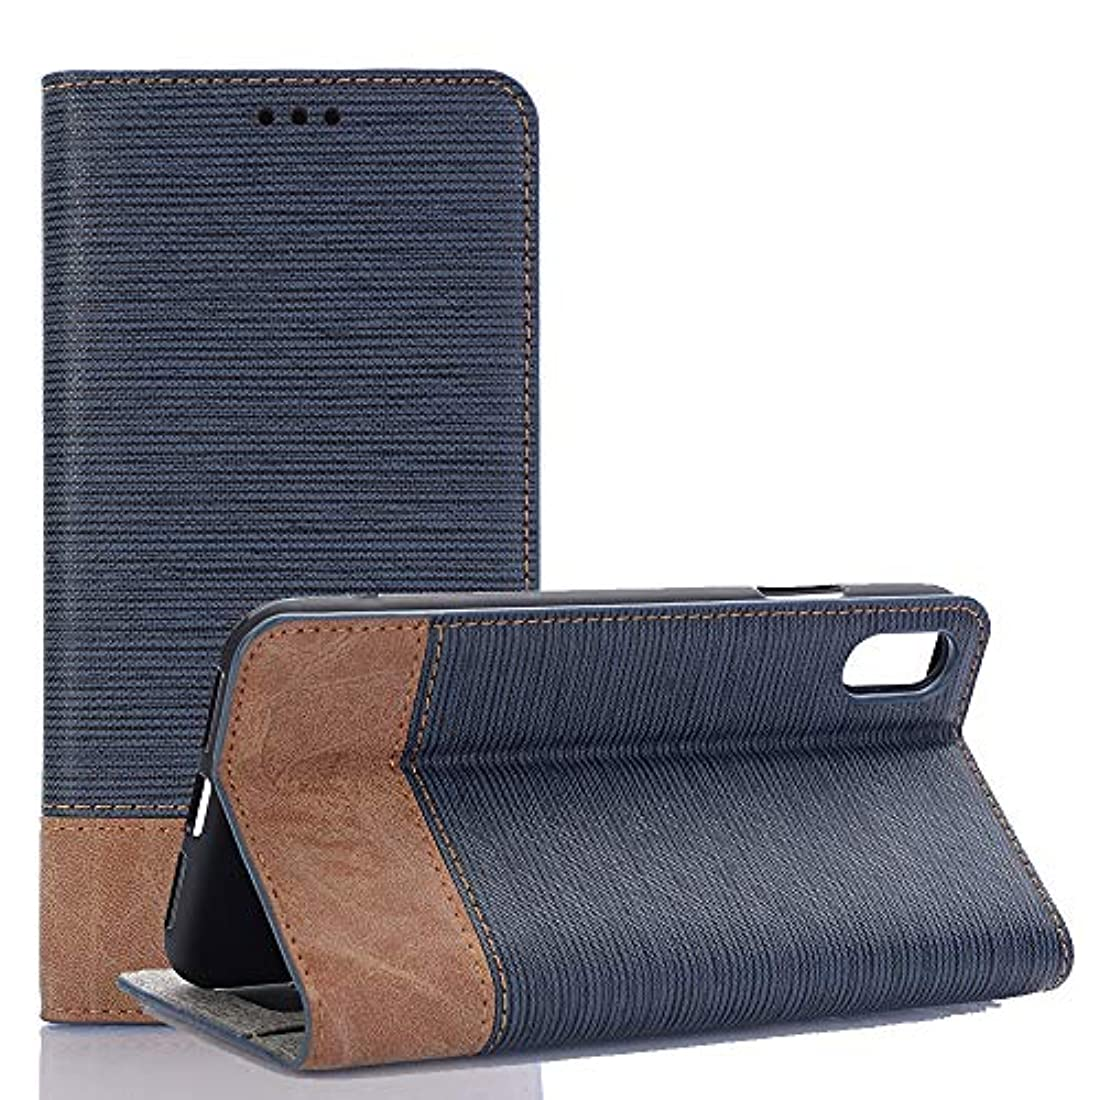 醸造所ブラウズ爬虫類Galaxy S9 ケース、INorton 本革ケース 全面保護 衝撃吸収 スタンド機能 カード収納 手帳型 スマートケース Galaxy S9対応